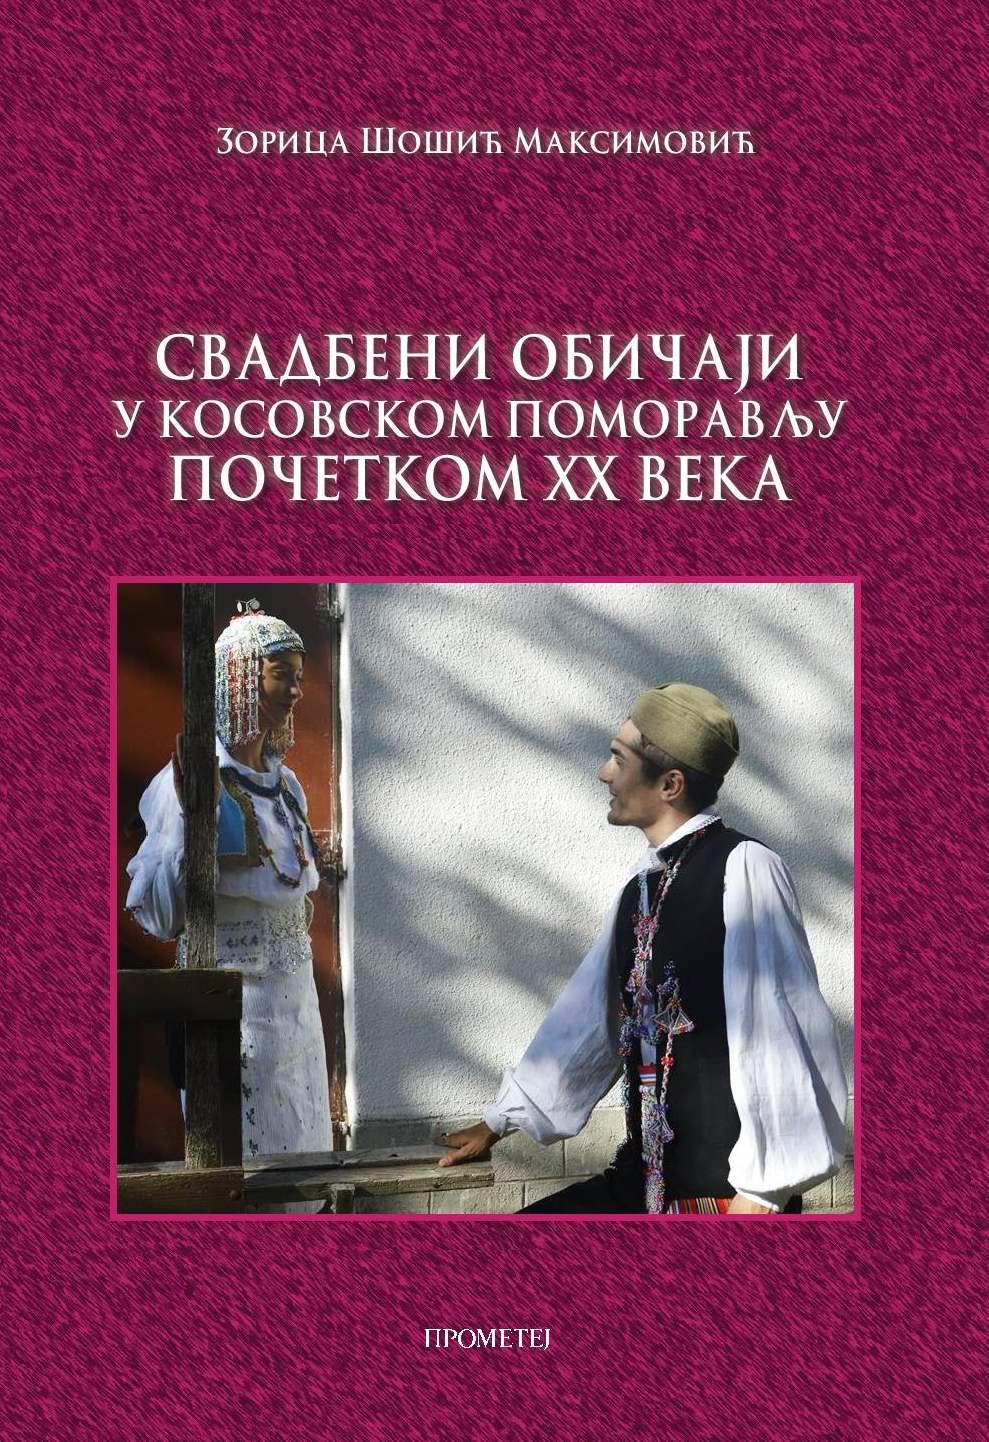 Свадбени обичаји у Косовском Поморављу почетком XX века